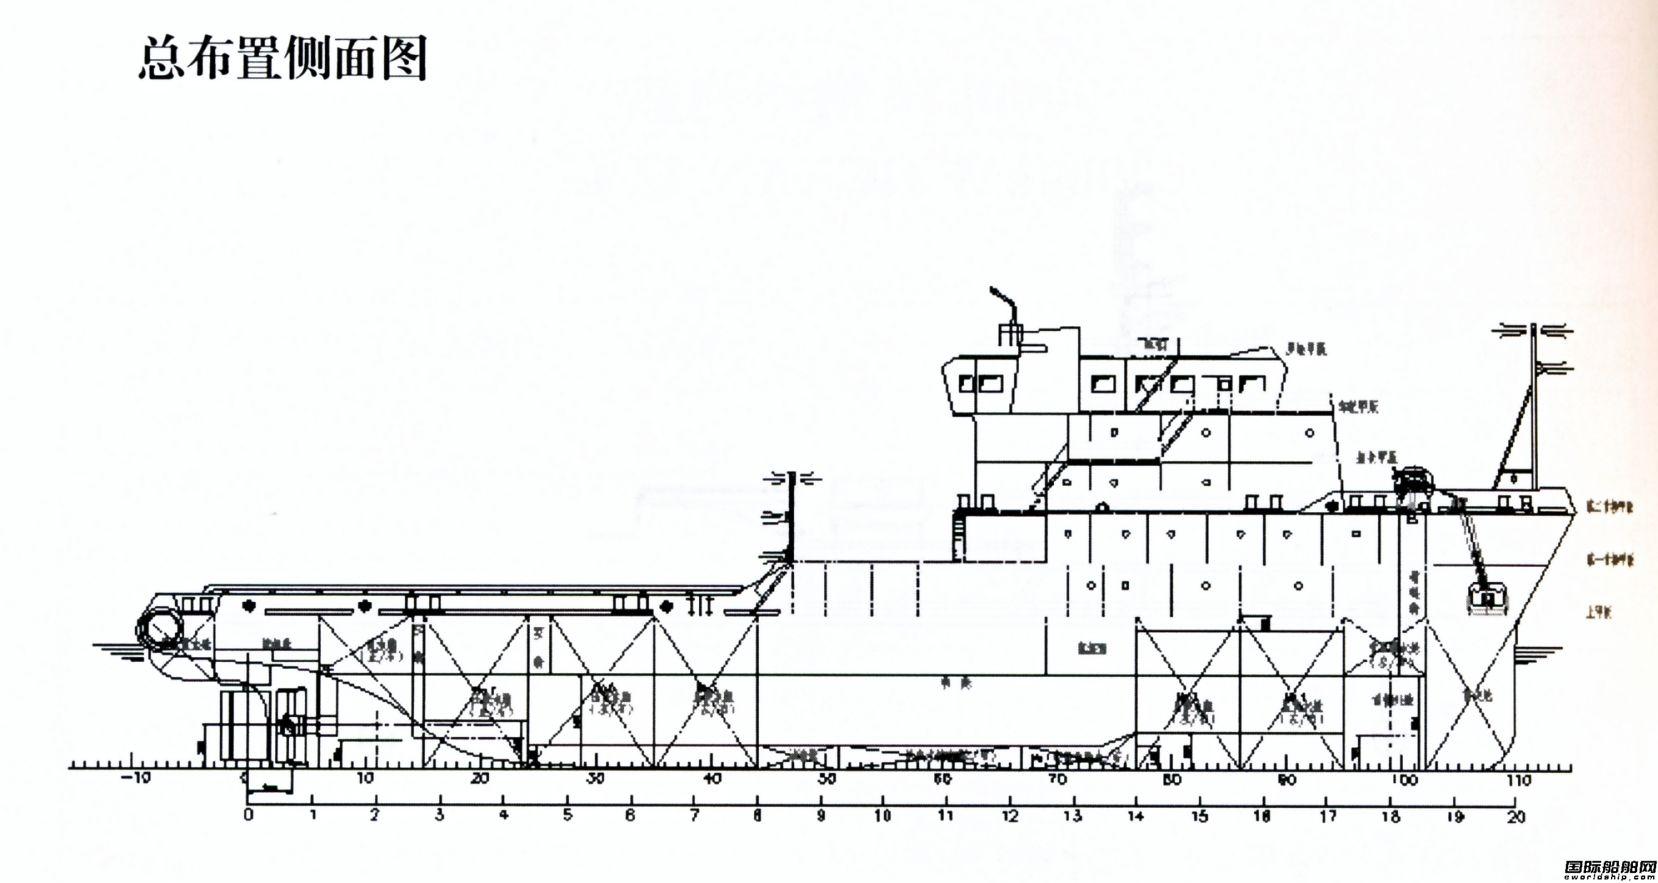 船型时间2k18资料线绘制图片